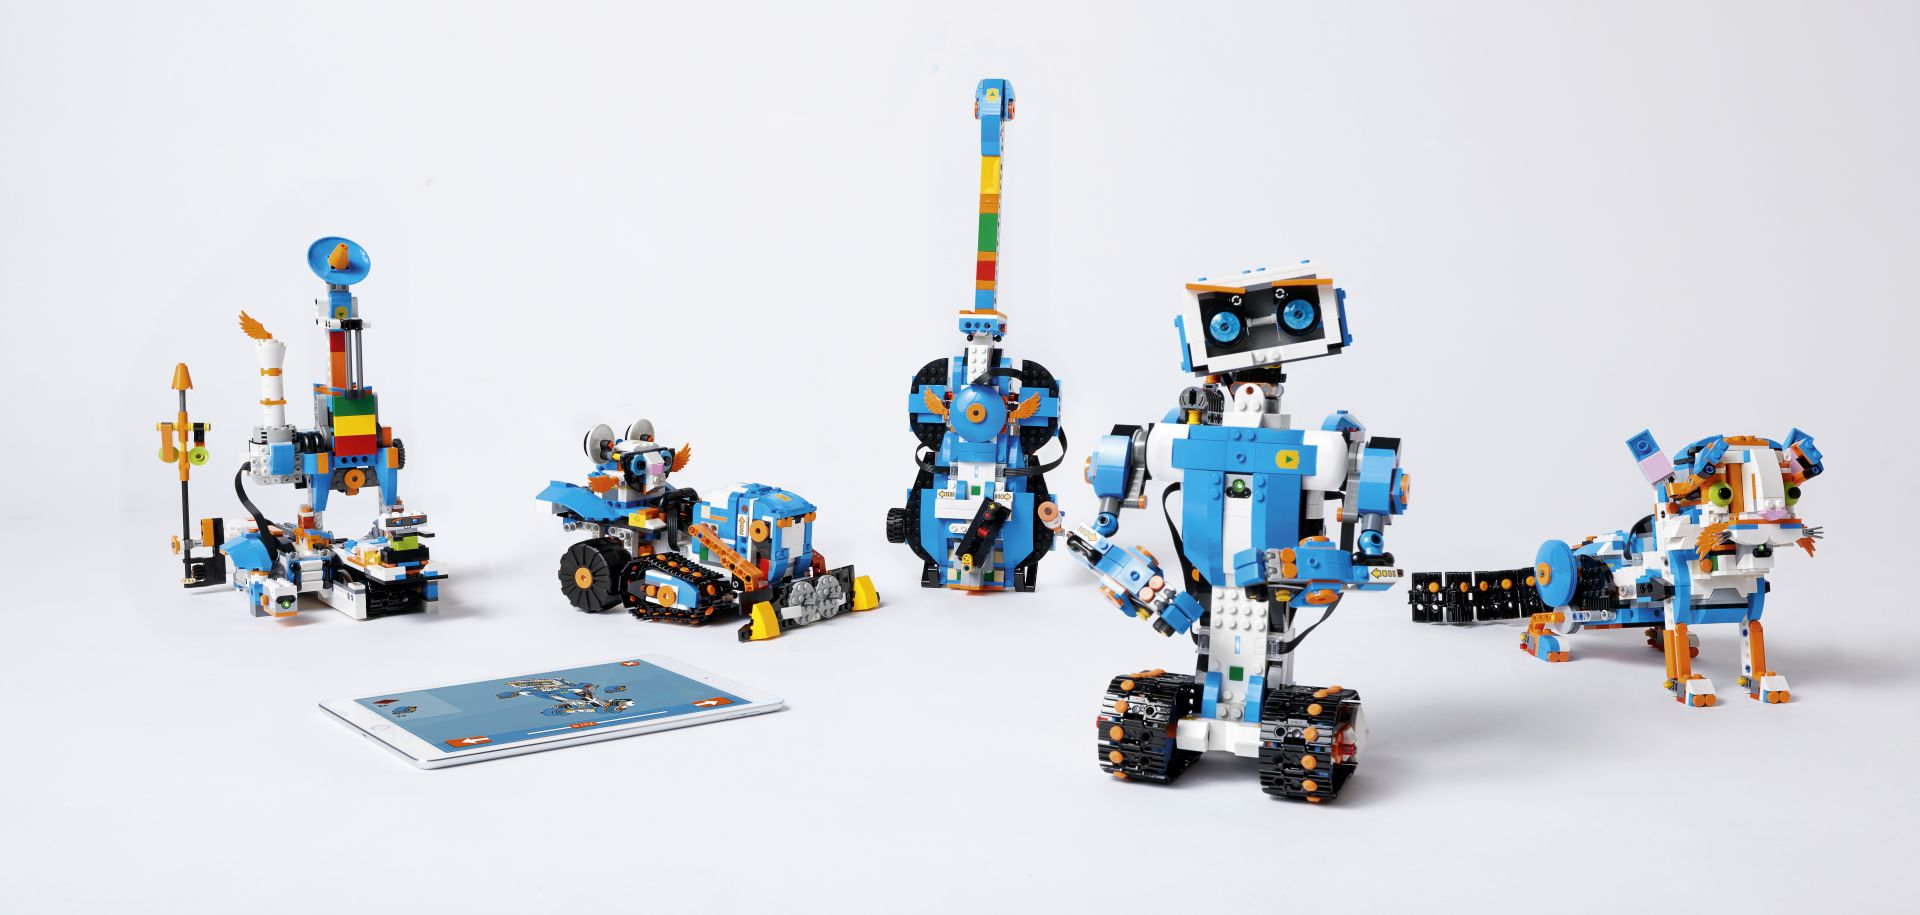 [CES 2017] Lego Boost: i mattoncini prendono vita con un'app thumbnail